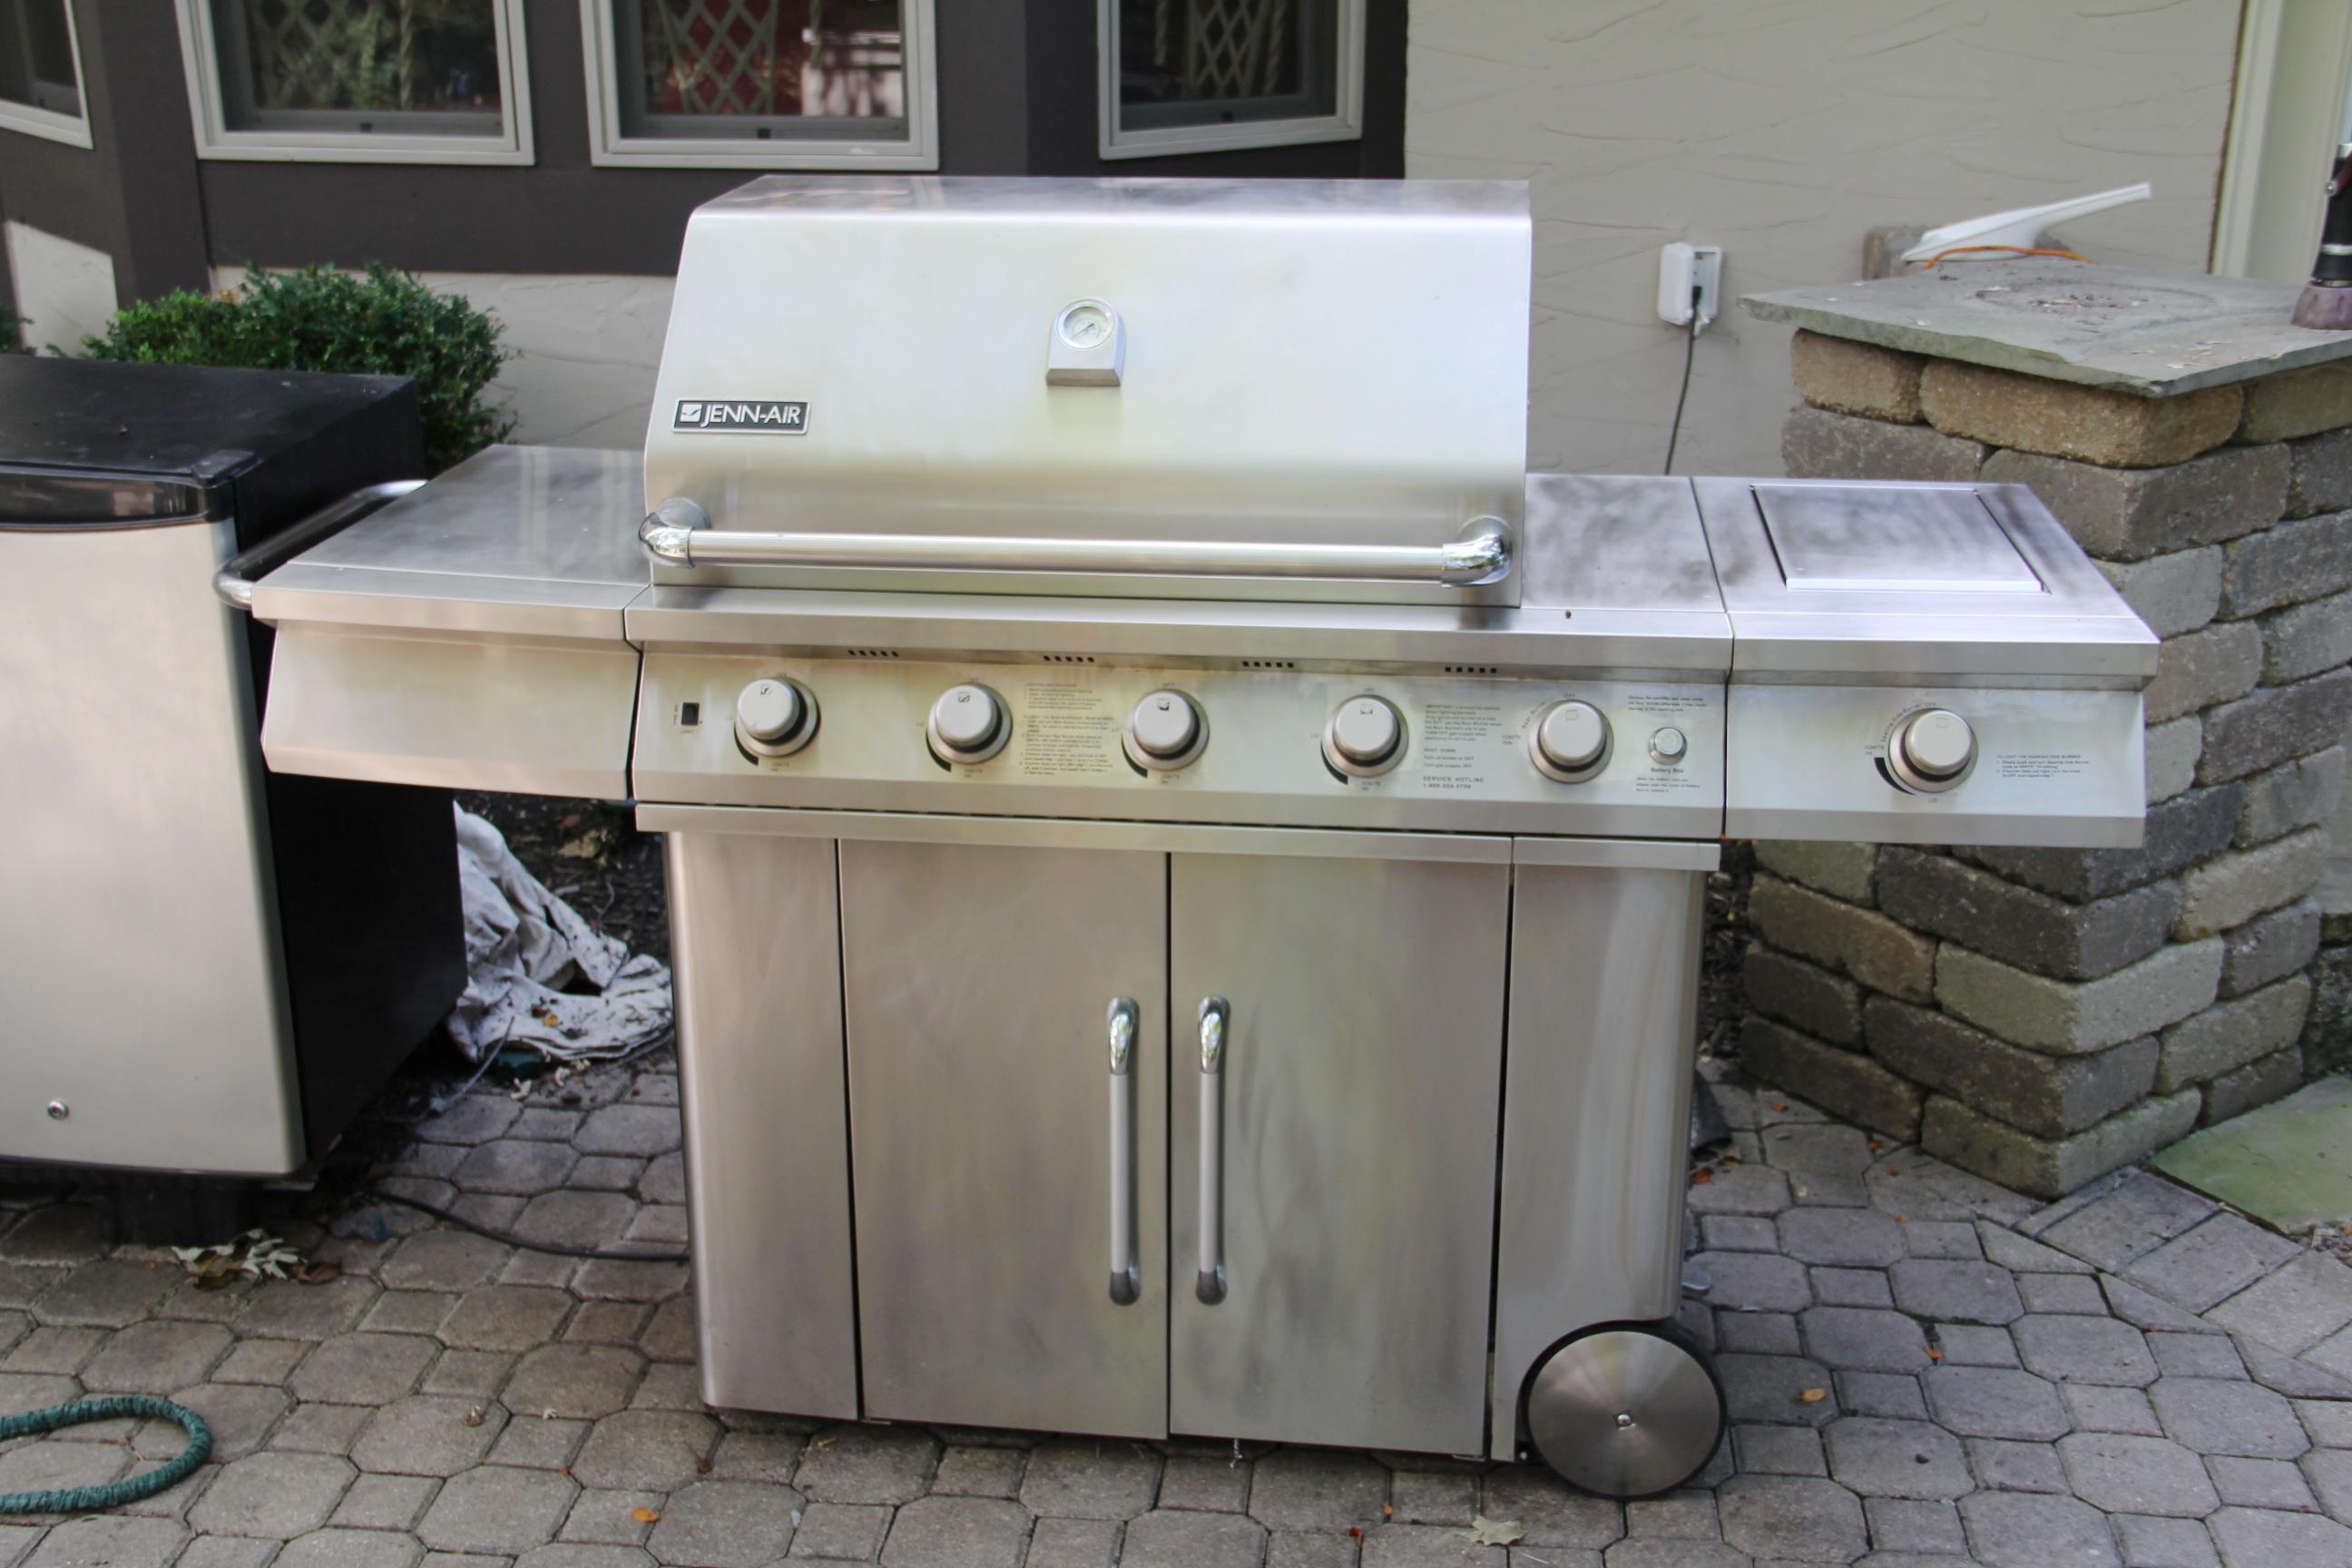 jenn air gas grill. jenn-air stainless steel gas grill jenn air g